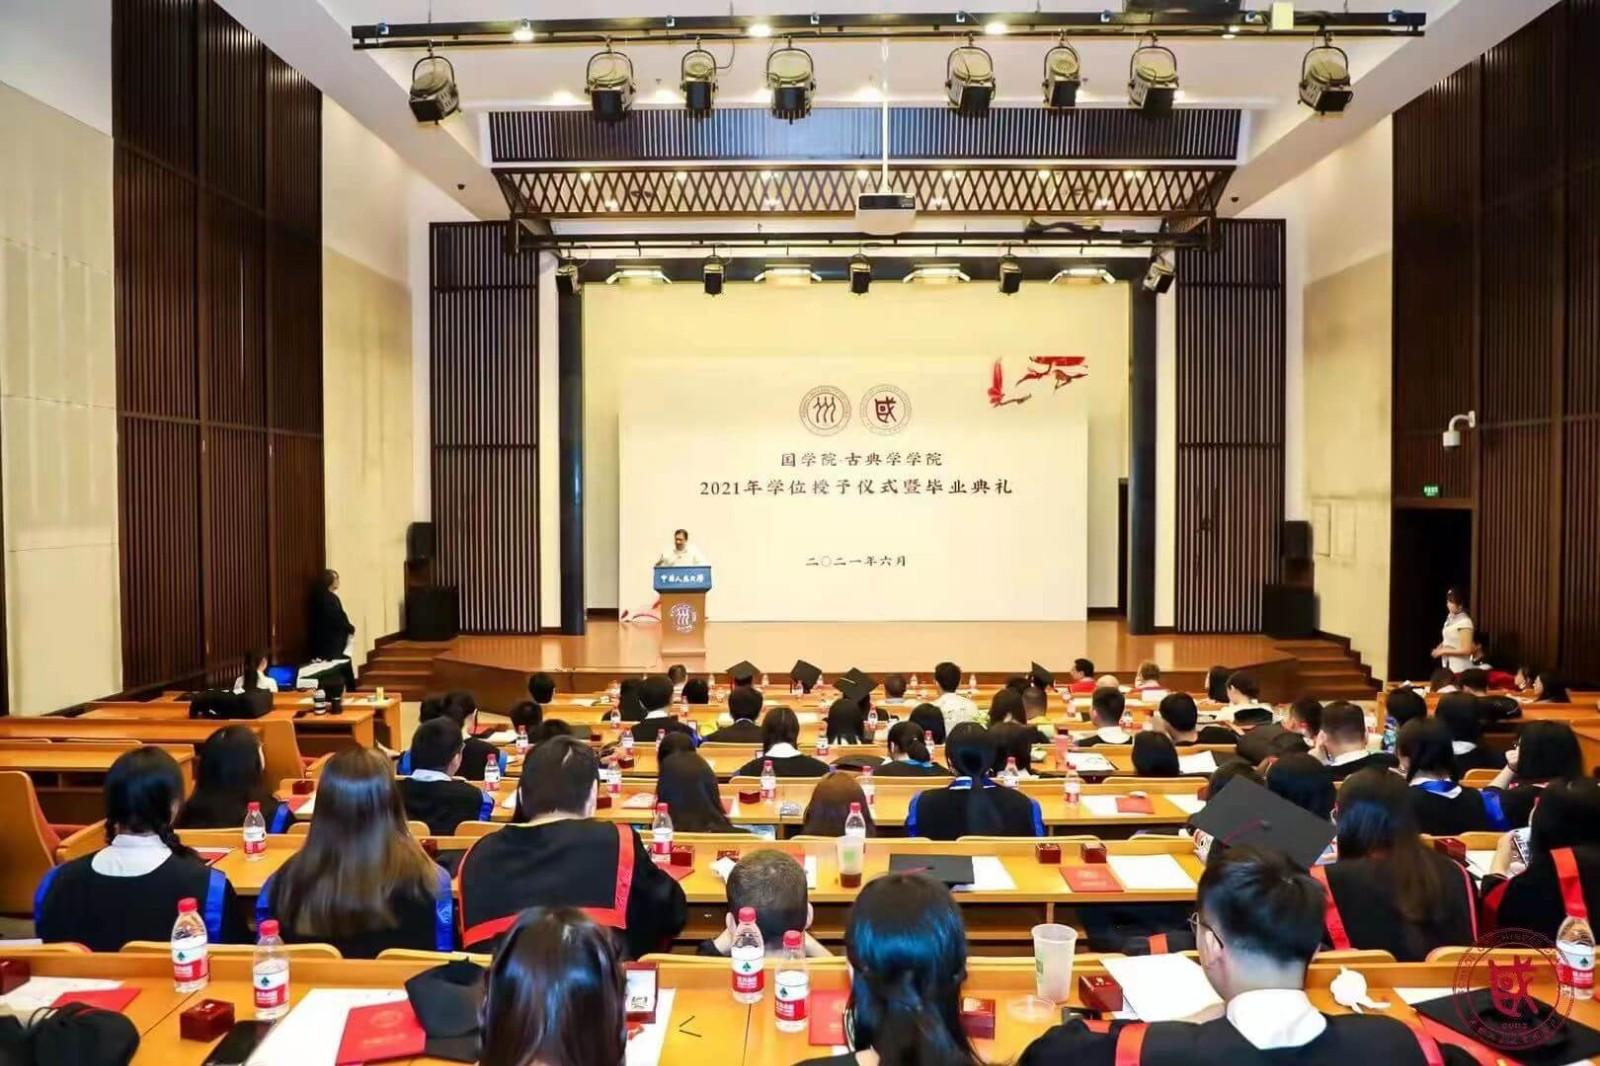 中国人民大学国学院-古典学学院2021年学位授予仪式暨毕业典礼图集